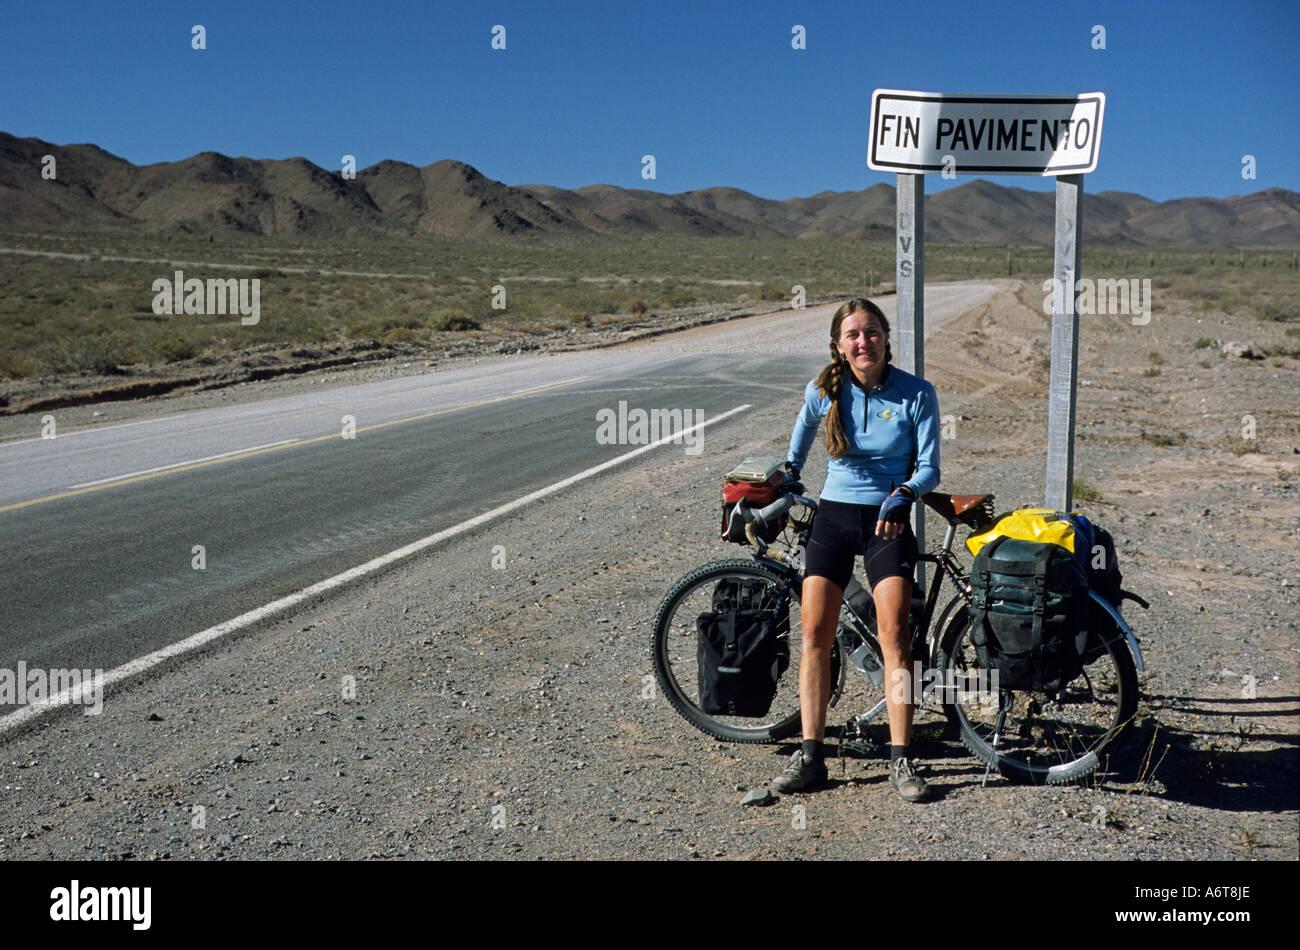 Ciclista femenina mirando con bicicleta junto a fin Pavimento firmar el final de la carretera en el norte de Argentina a distancia Imagen De Stock